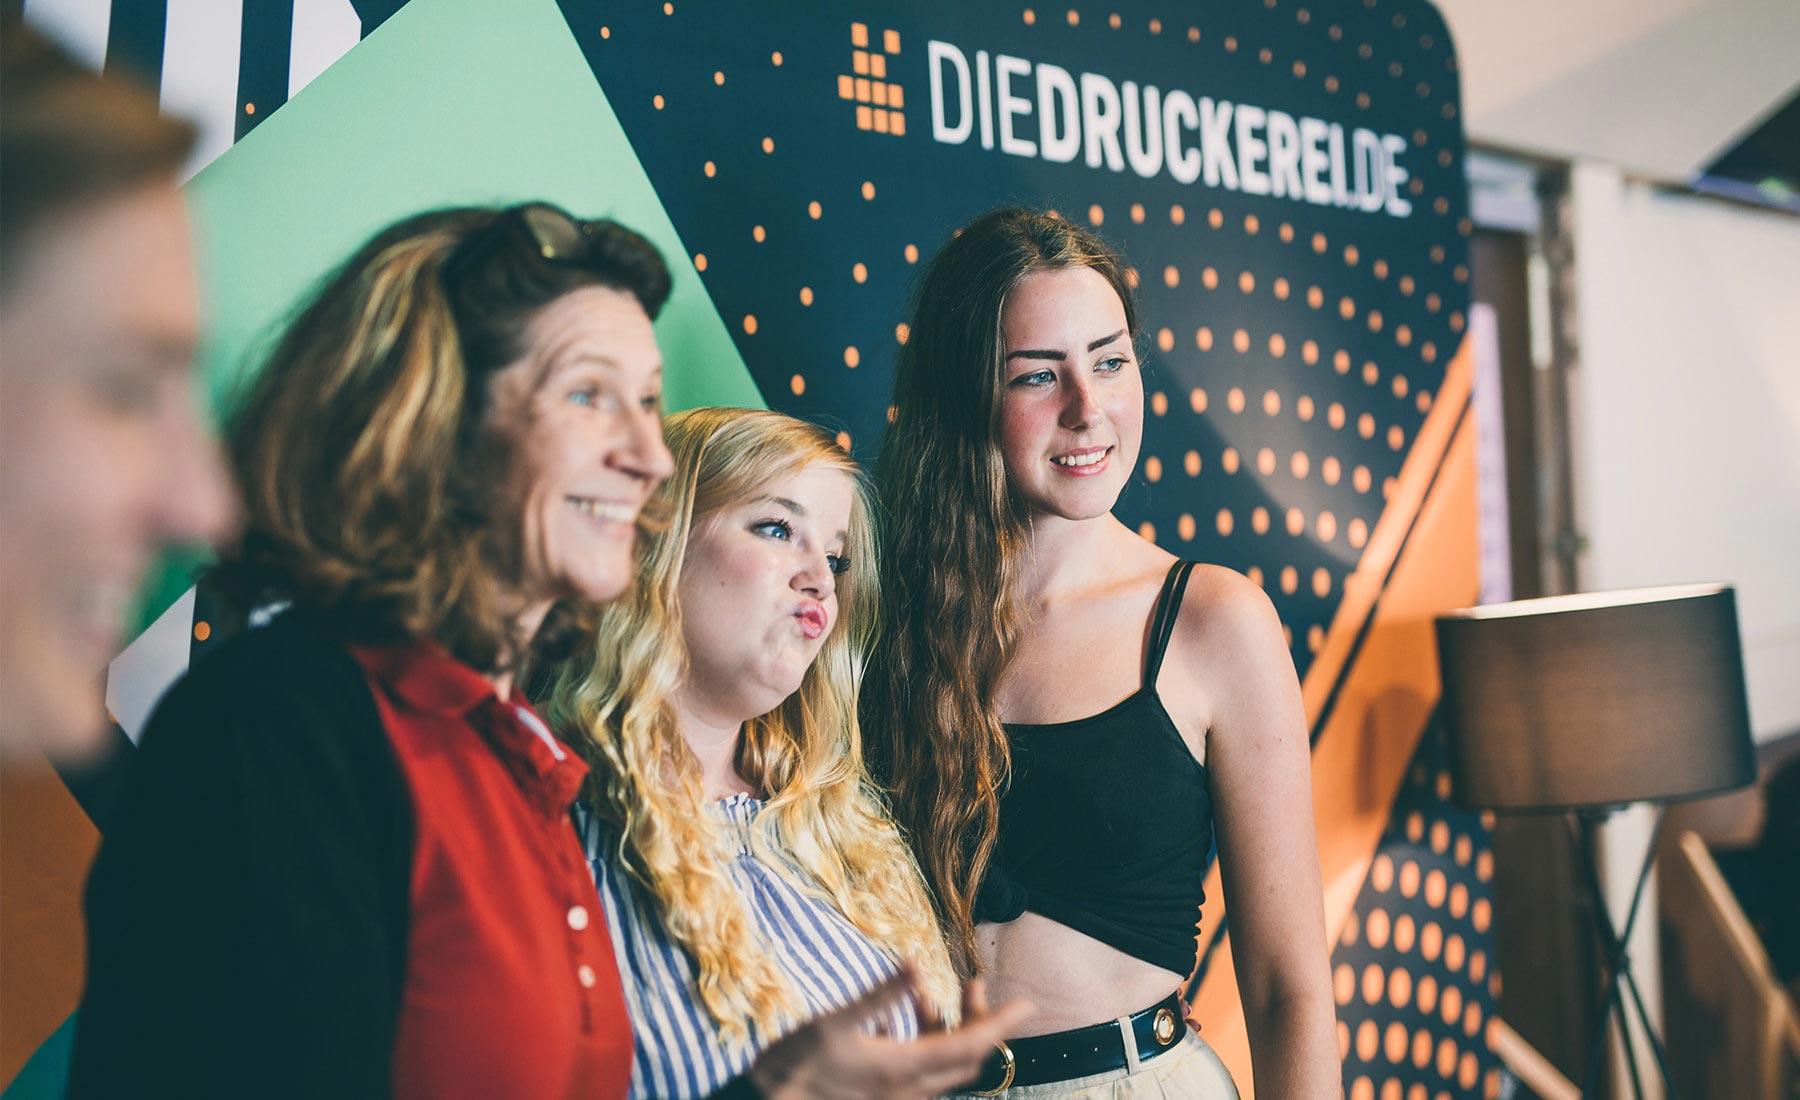 recap-forward-festival-hamburg-2018-diedruckereide